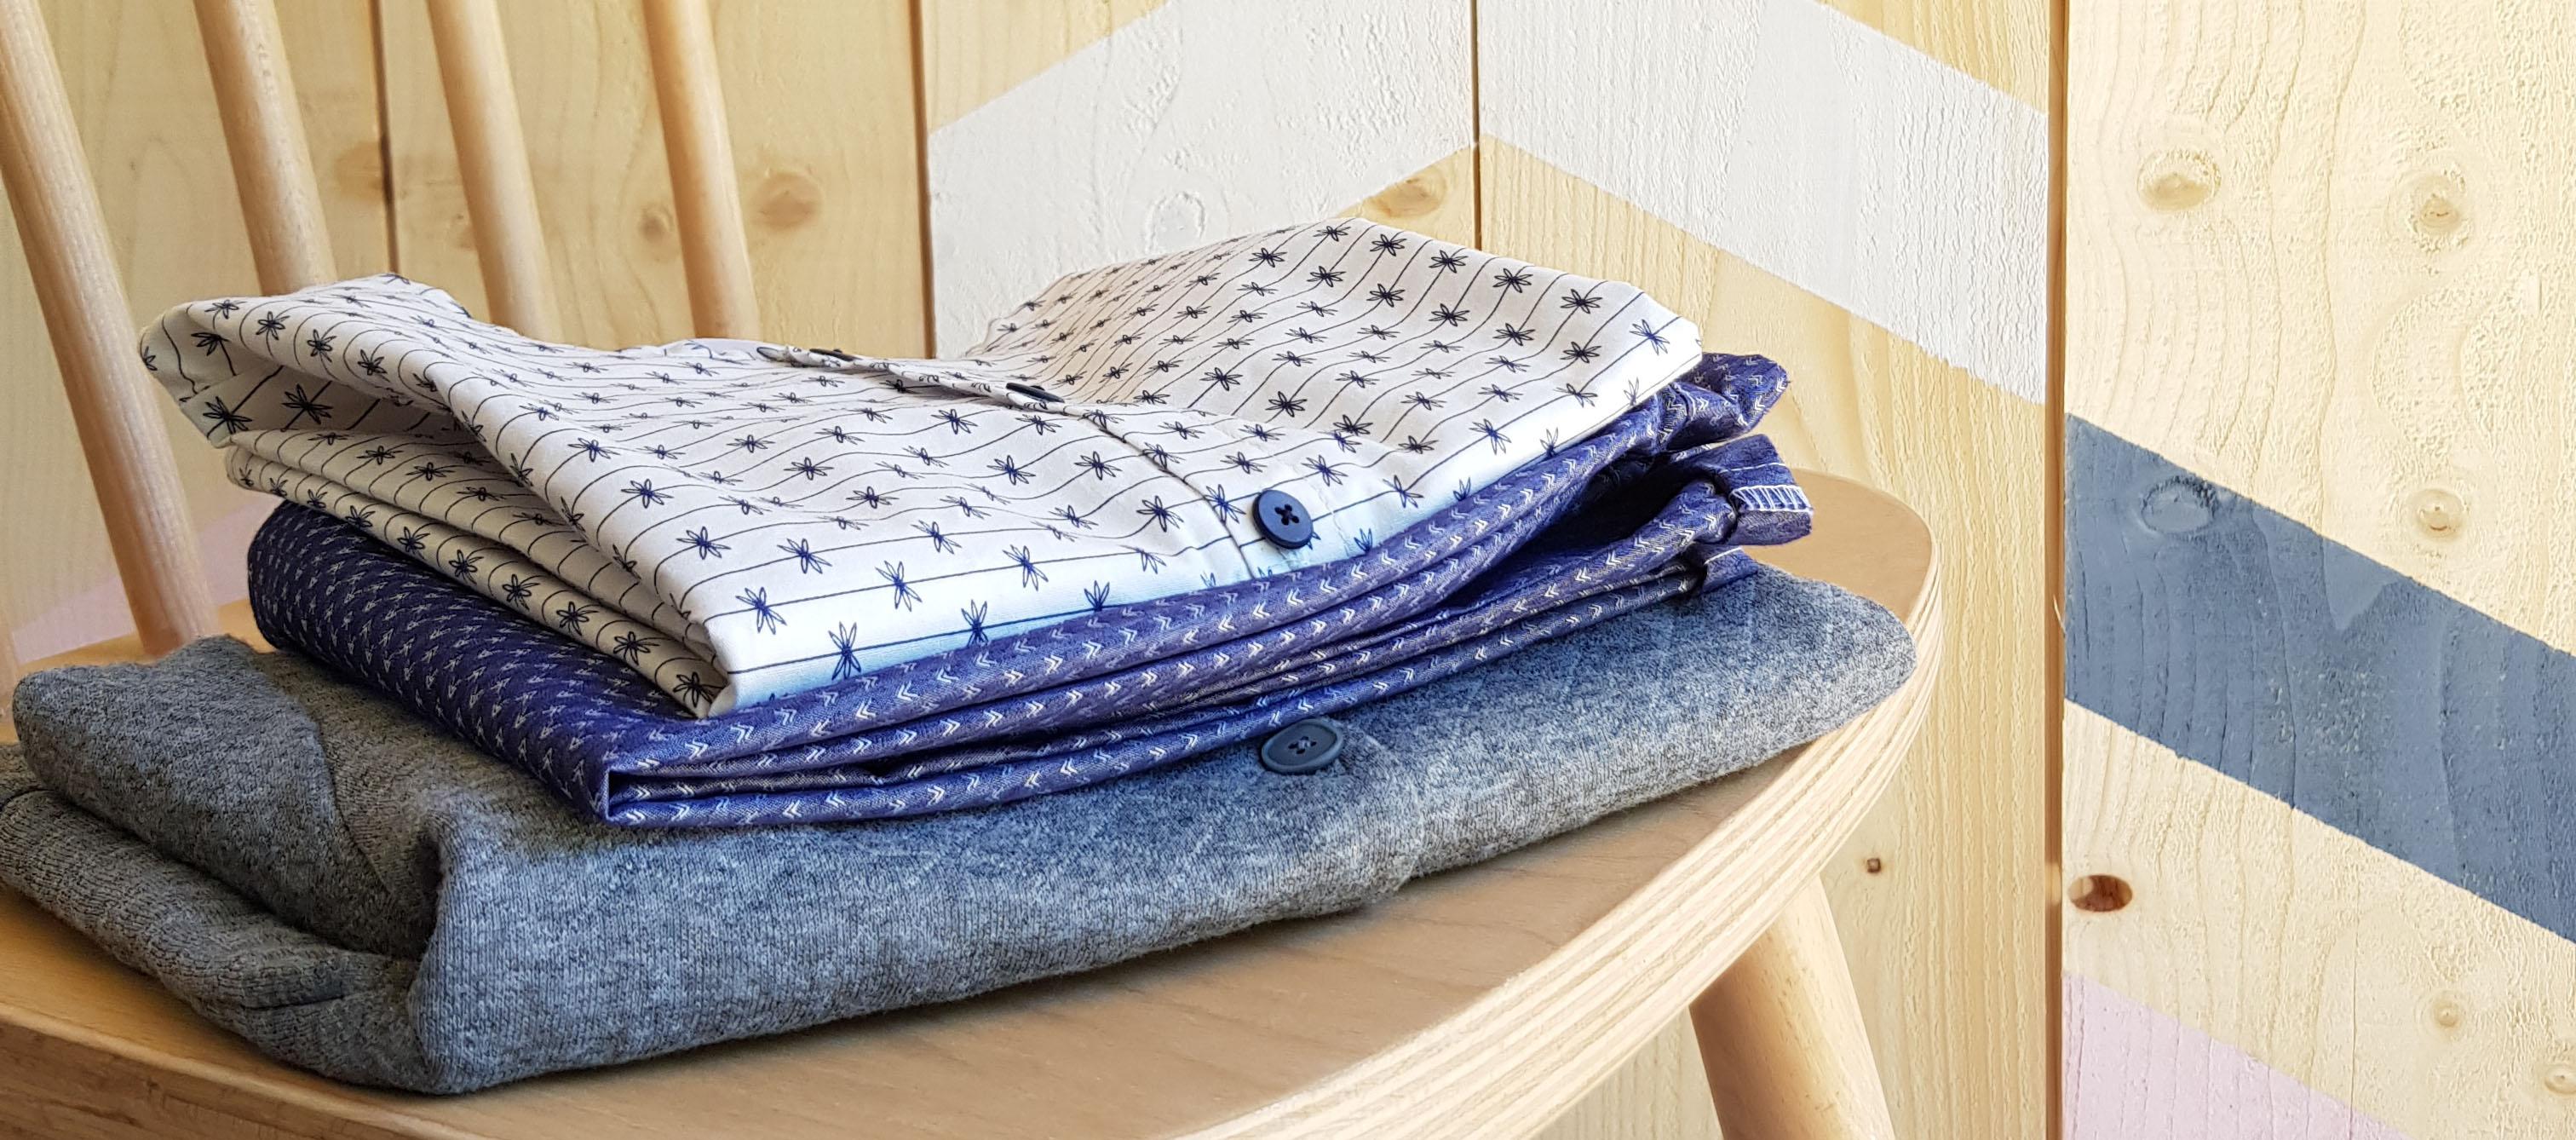 vetement bebe lyon createur garcon enfant mode enfantine marque france bleu